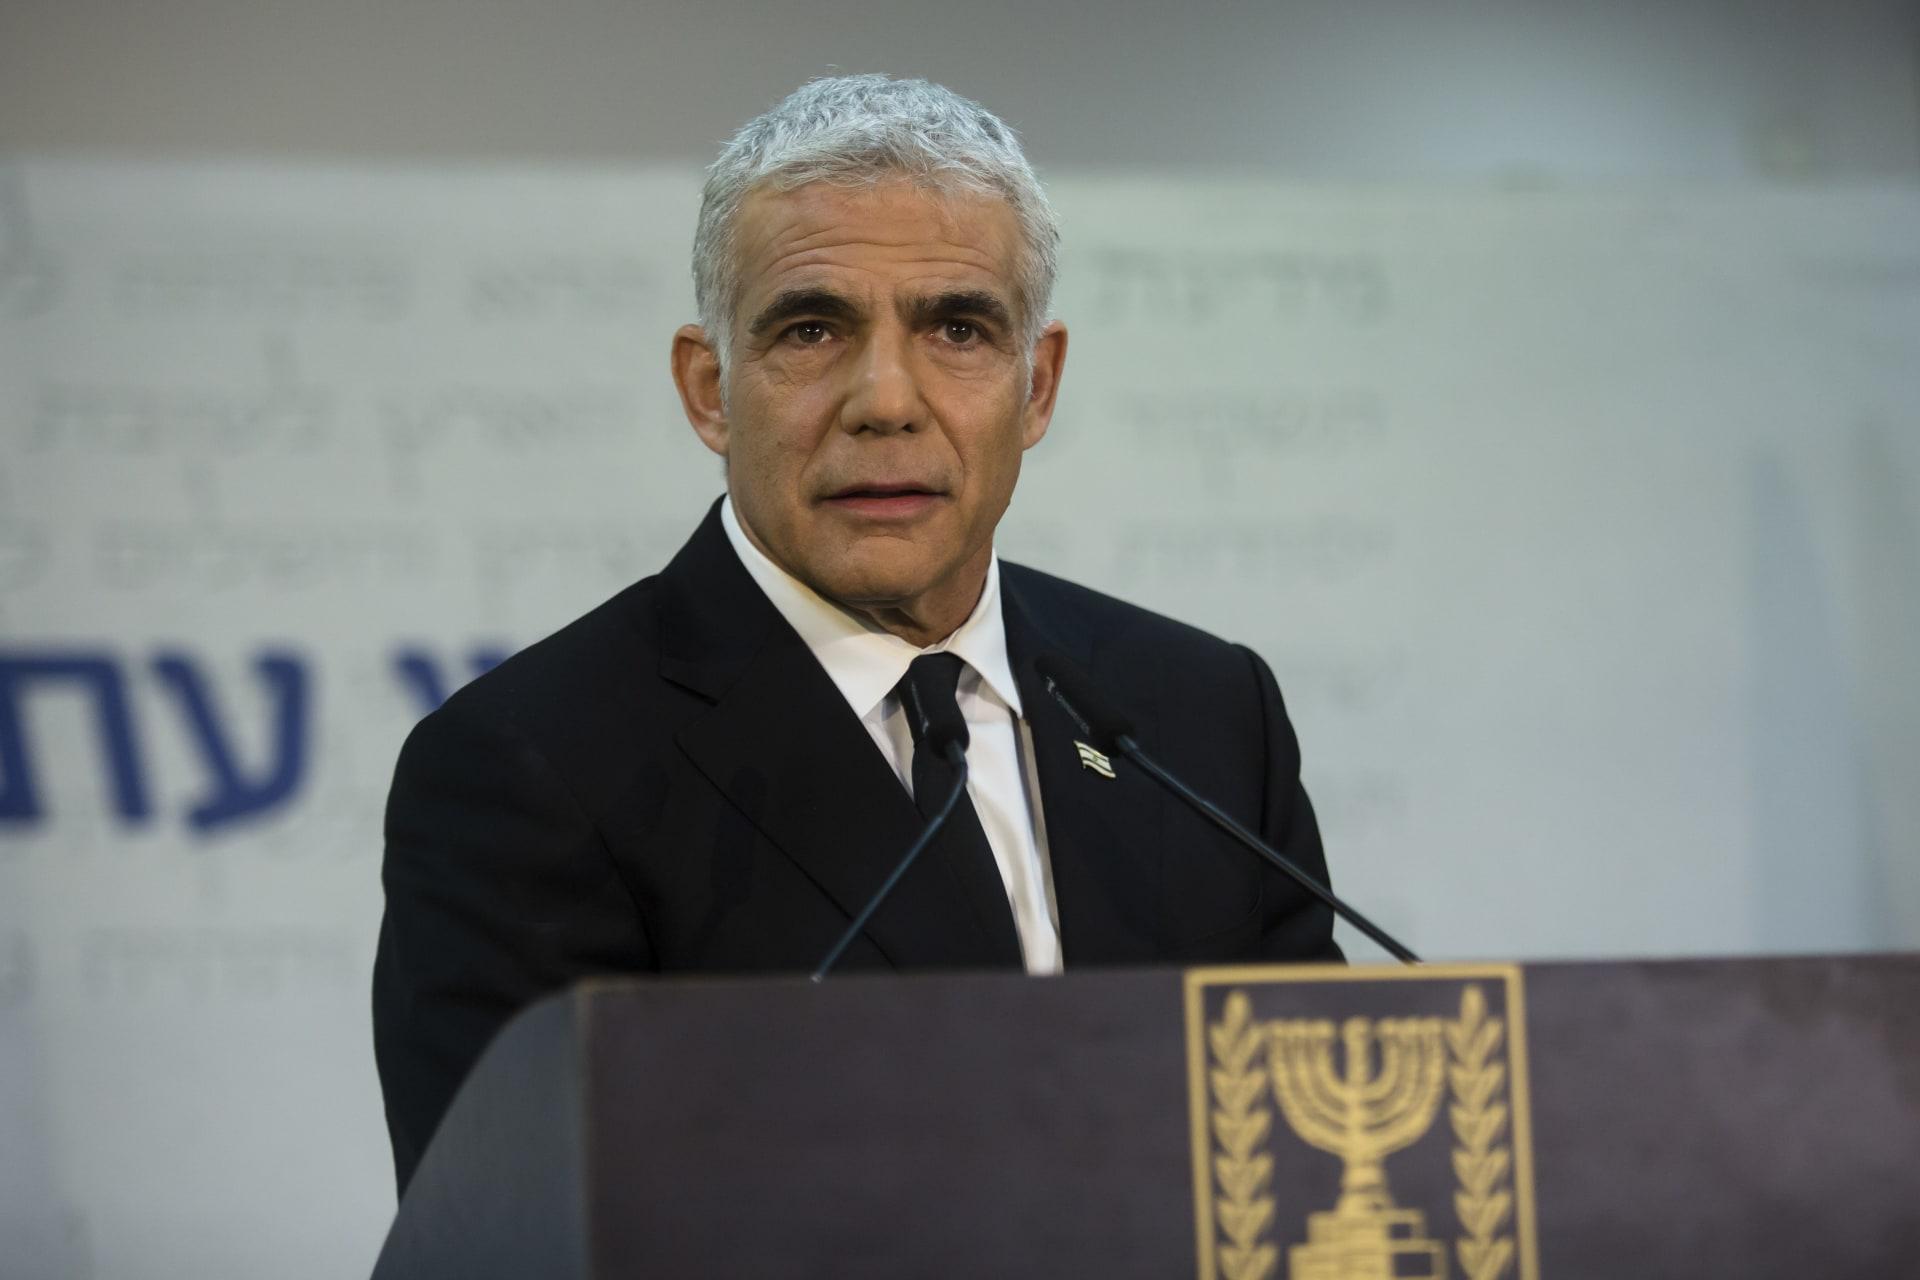 """الأولى منذ اتفاق السلام.. زيارة """"تاريخية"""" لوزير الخارجية الإسرائيلي إلى المغرب"""